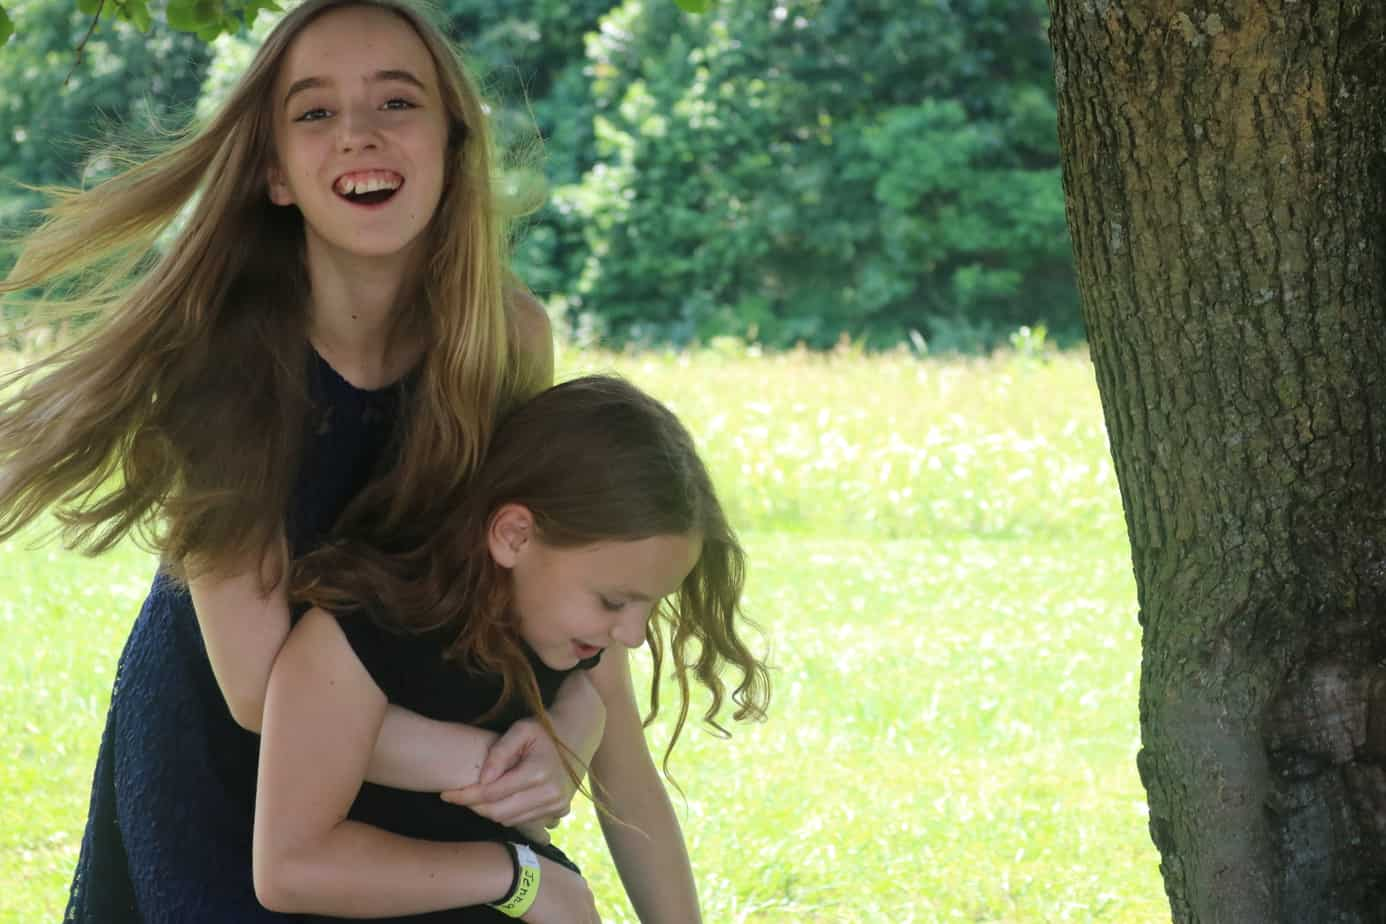 Laura and Jenna